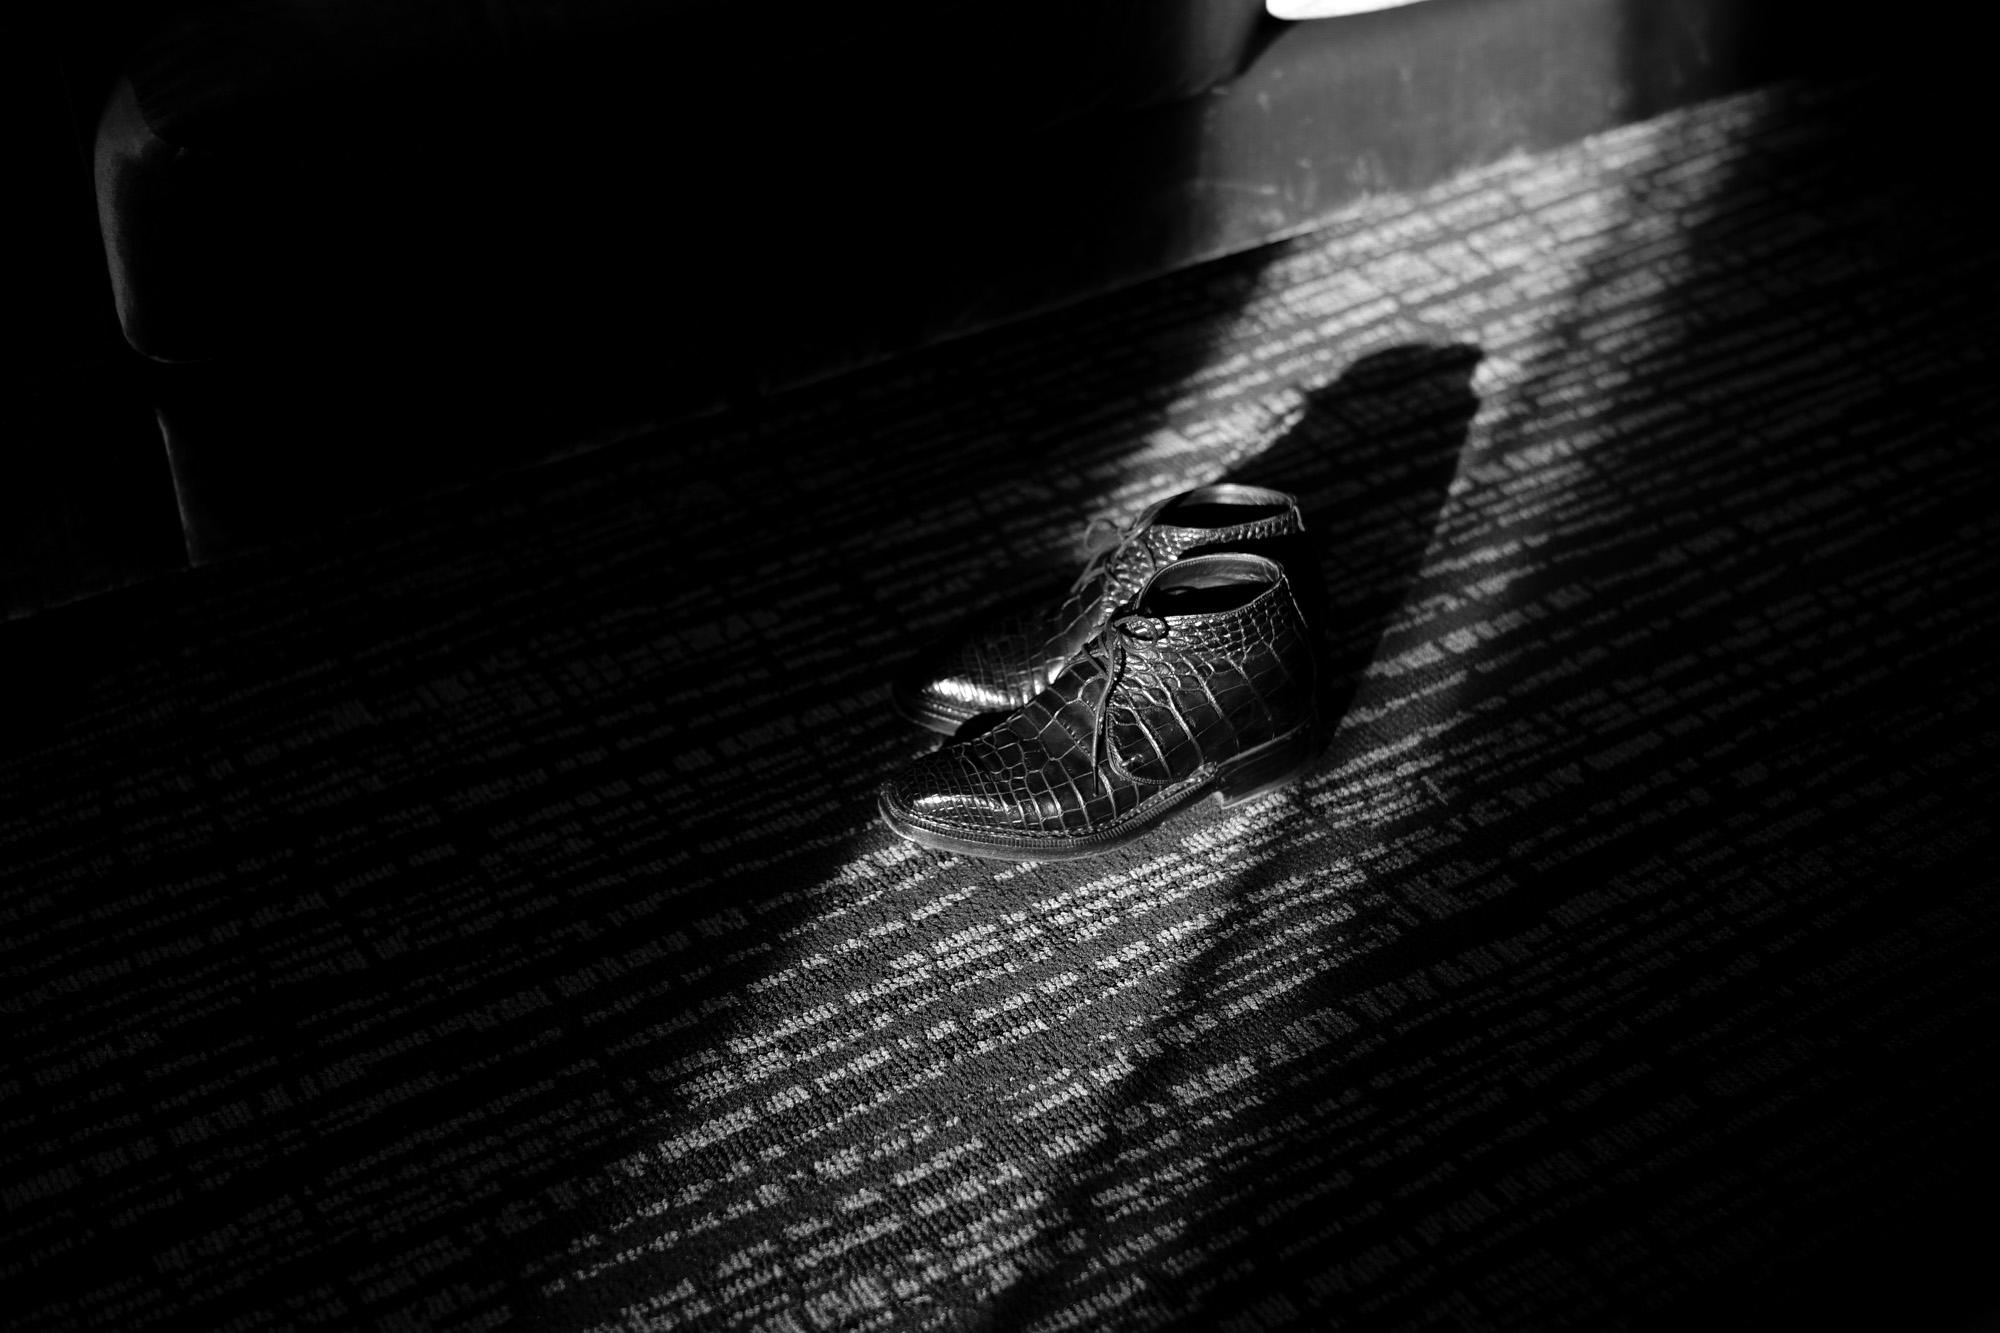 ENZO BONAFE (エンツォボナフェ) ART.3722 Crocodile Chukka boots クロコダイル Mat Crocodile Leather マット クロコダイル エキゾチックレザー チャッカブーツ NERO (ブラック) made in italy (イタリア製) 2021 秋冬 愛知 名古屋 Alto e Diritto altoediritto アルトエデリット 入荷しました